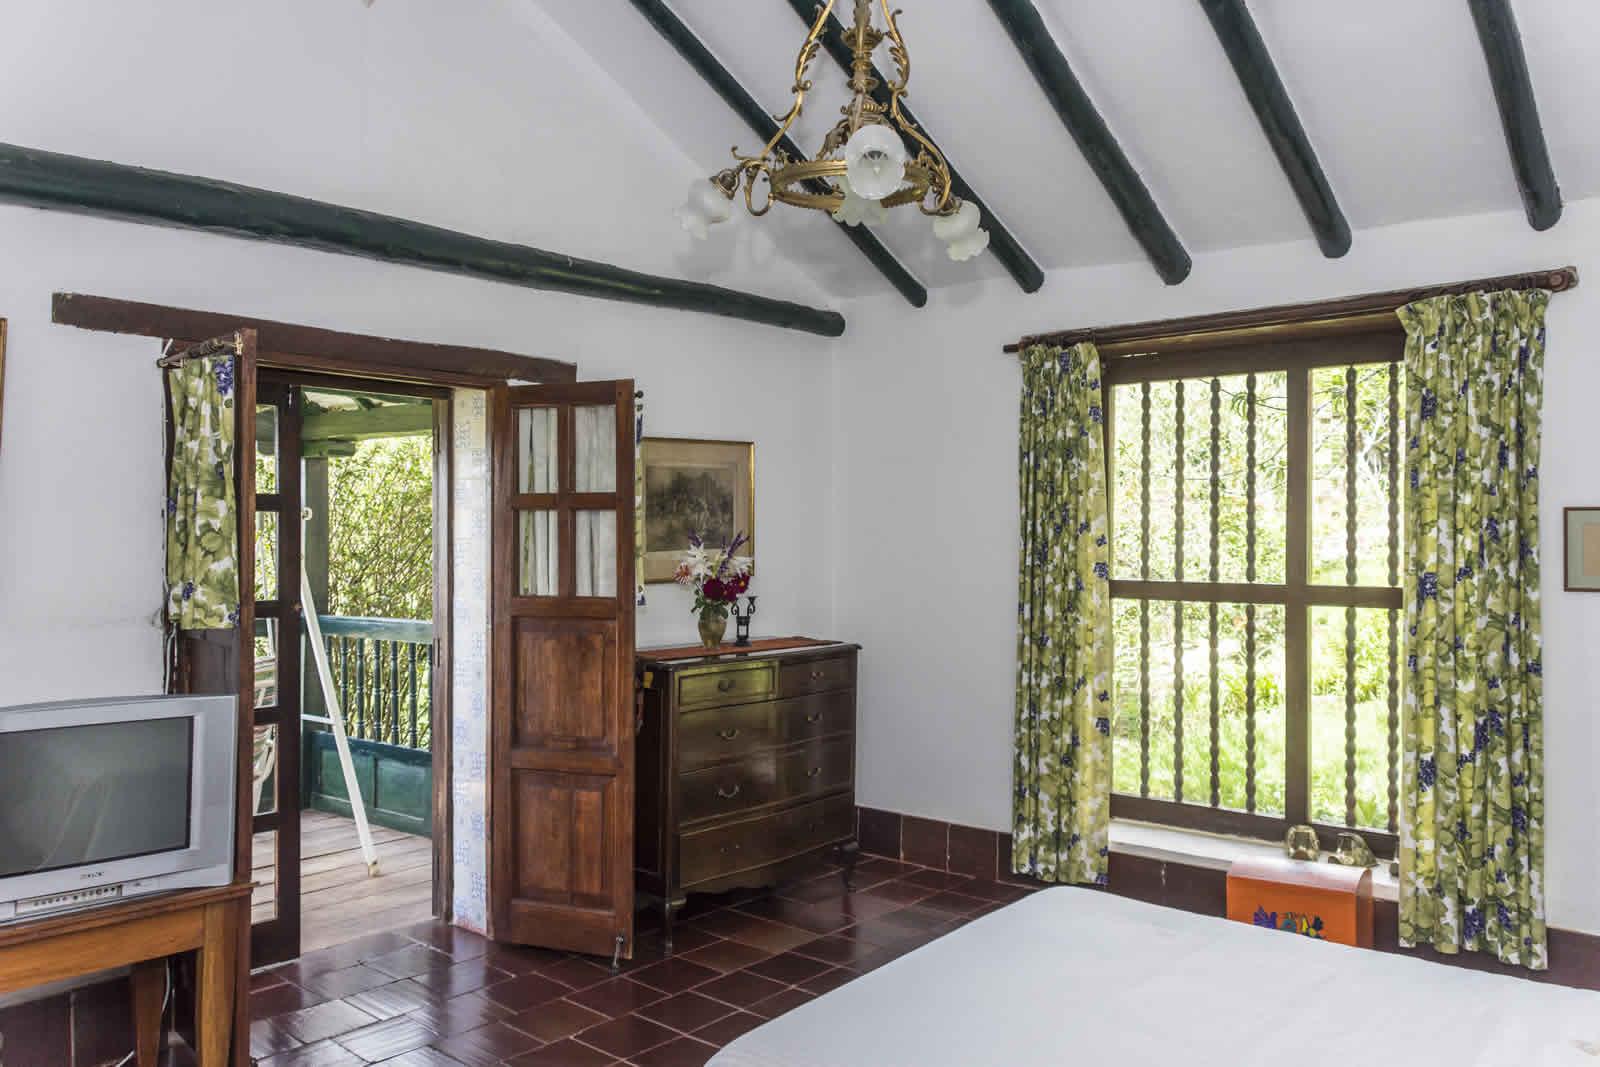 Alquiler casa Pozo Azul en Villa de Leyva - Habitación principal